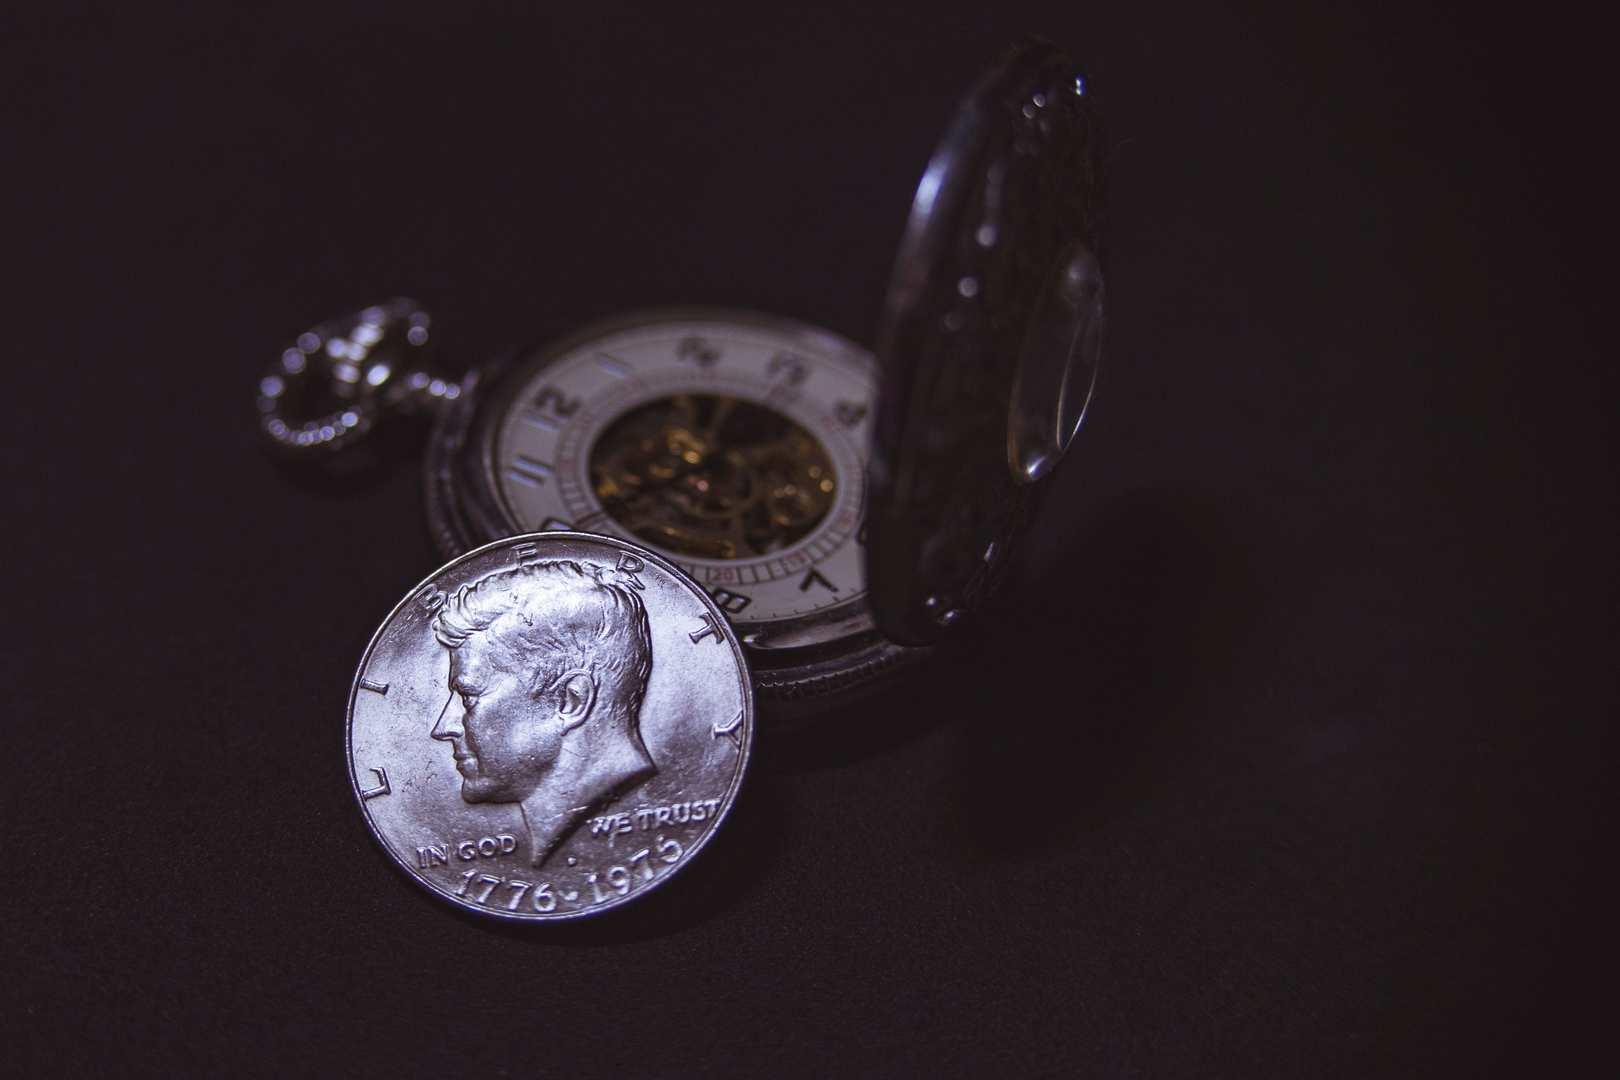 часы и время как историческое значение фактов соболиного меха в истории торговли